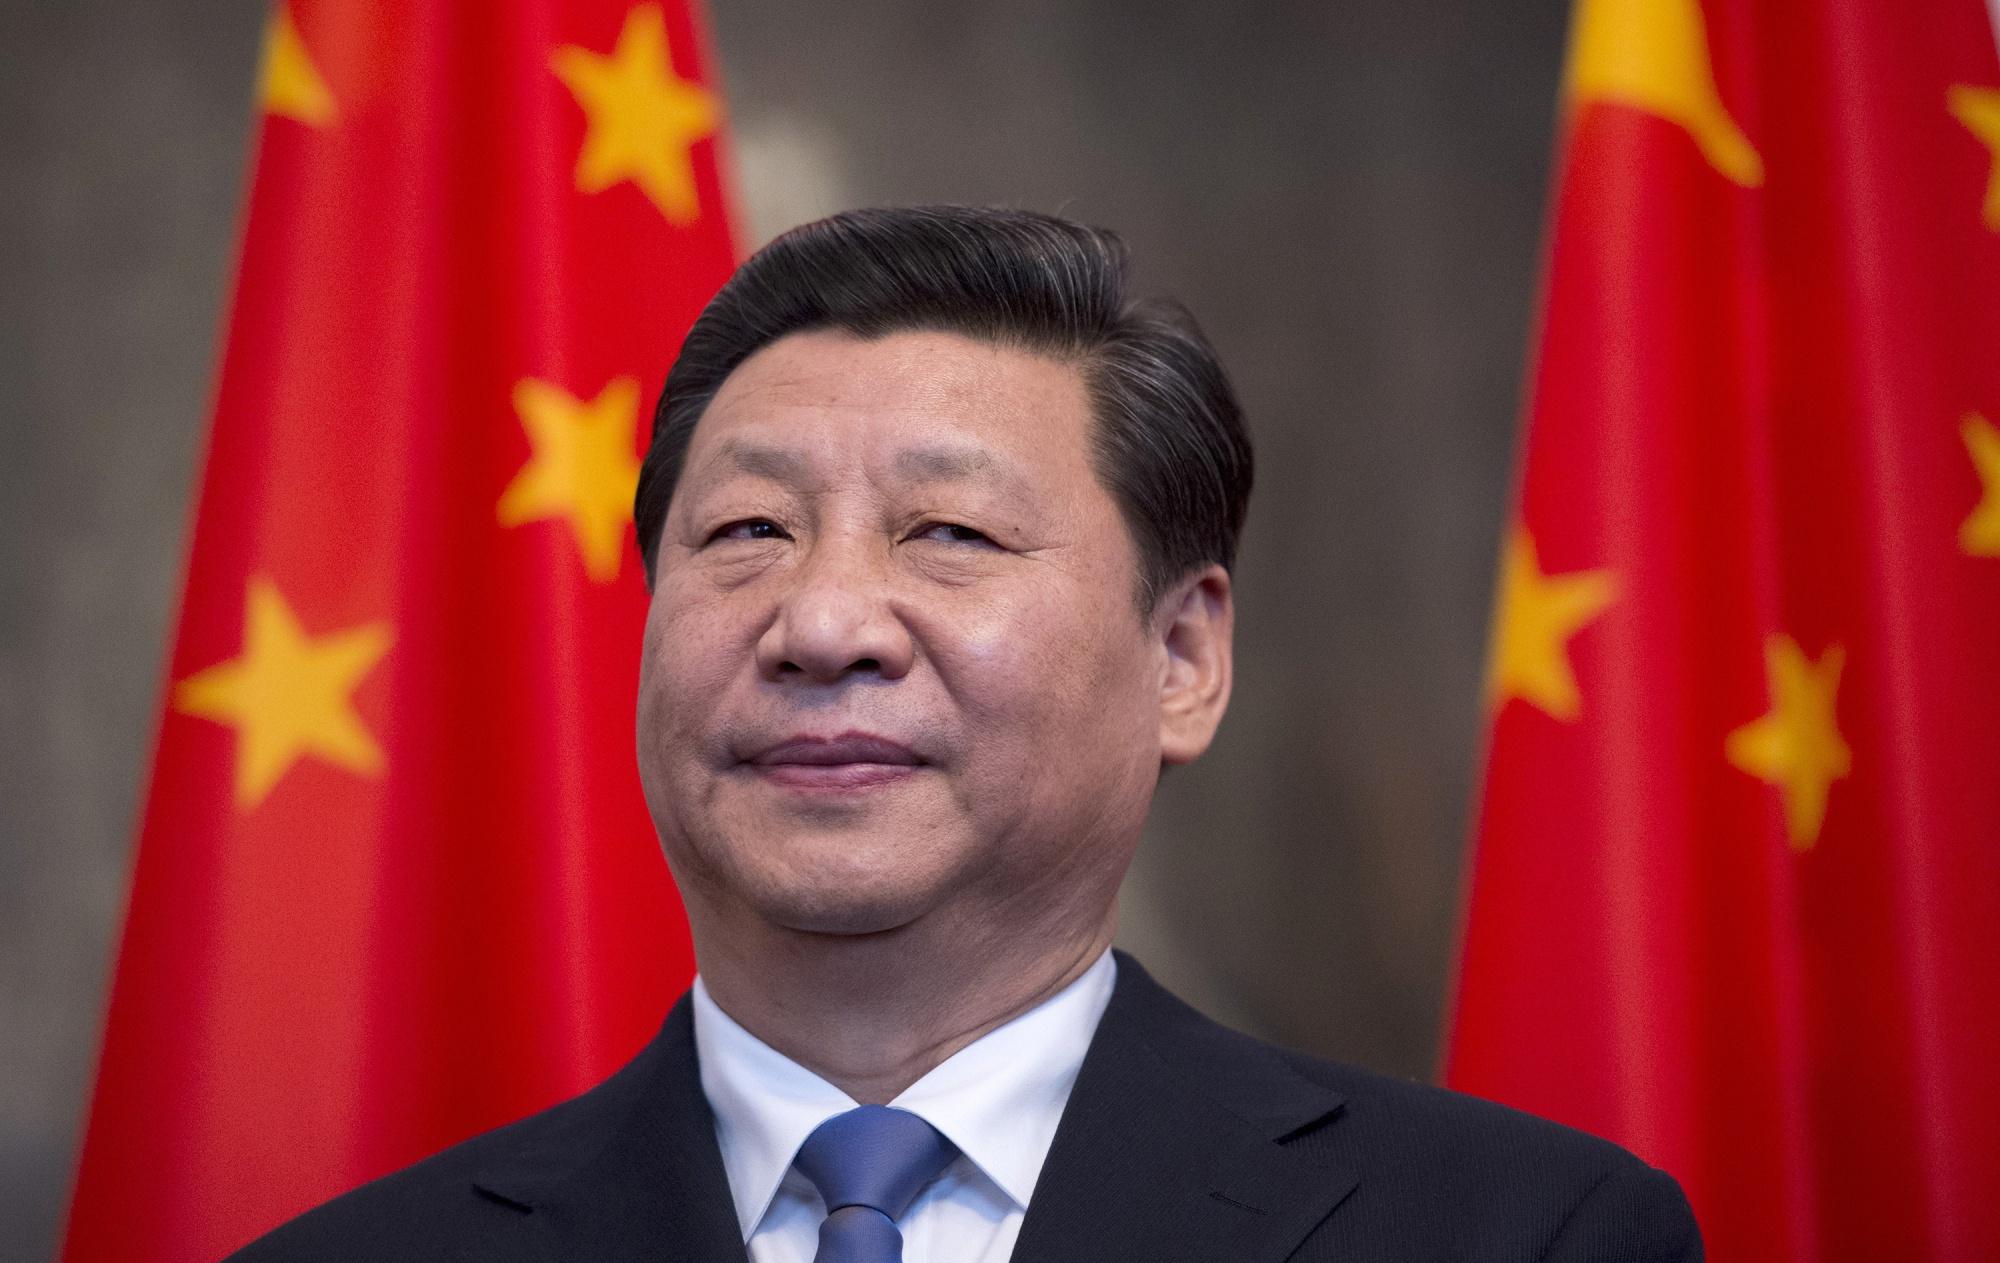 米国の香港人権法案に報復示唆の中国-強硬措置にはリスクも - Bloomberg